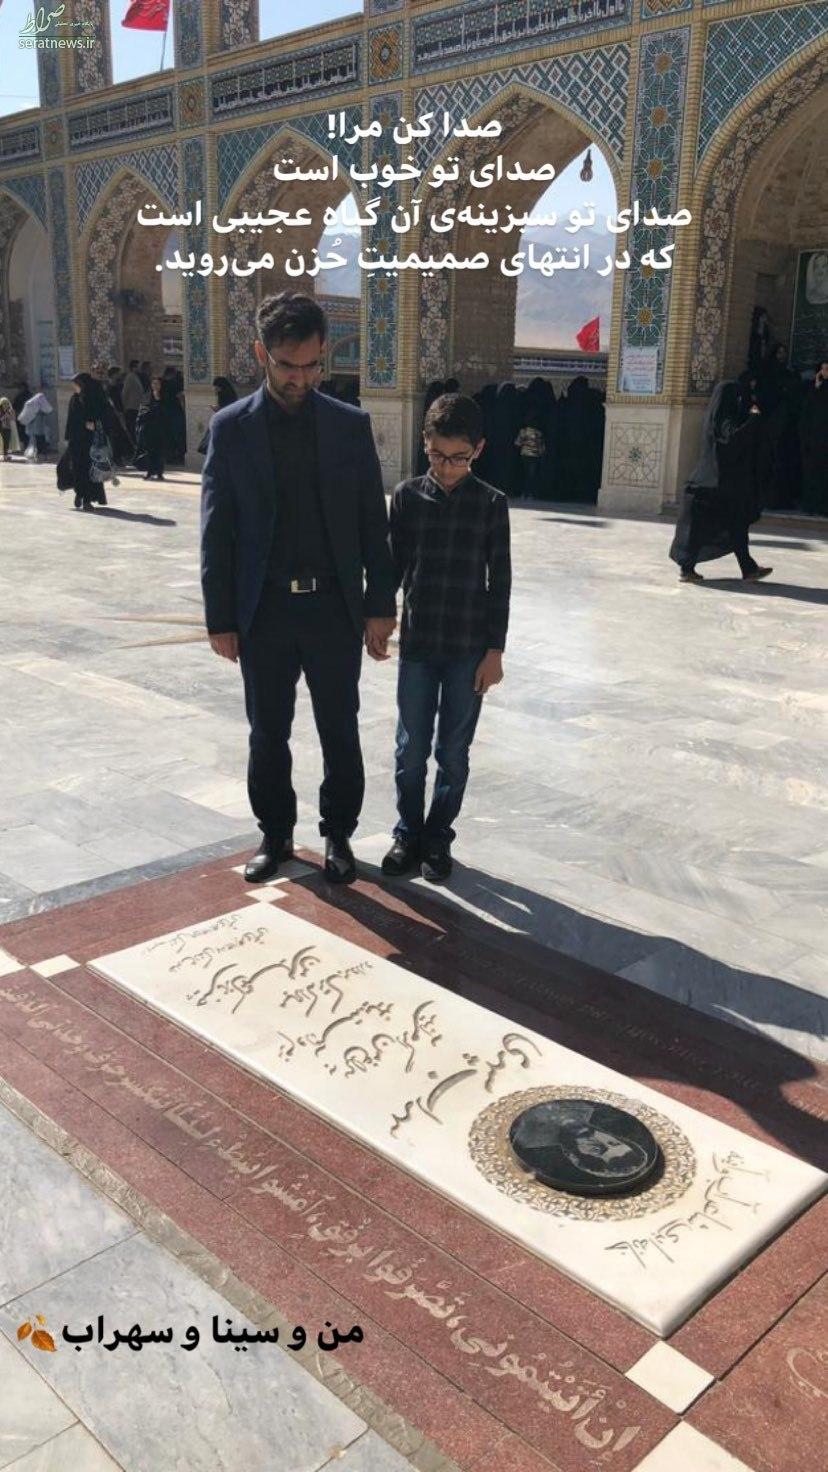 عکس/ آذری جهرمی همراه پسرش بر سر مزار سهراب سپهری